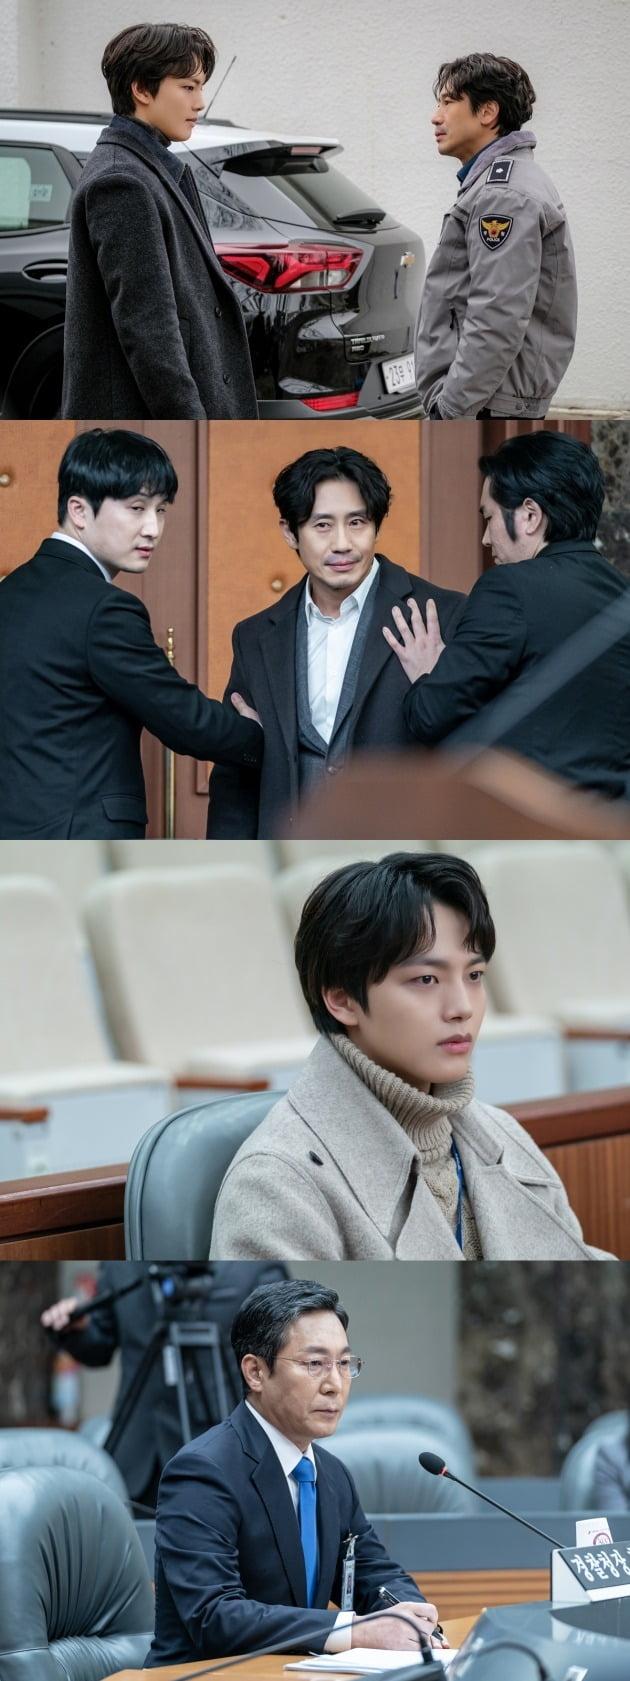 '괴물' 스틸컷./사진제공=셀트리온엔터테인먼트·JTBC스튜디오